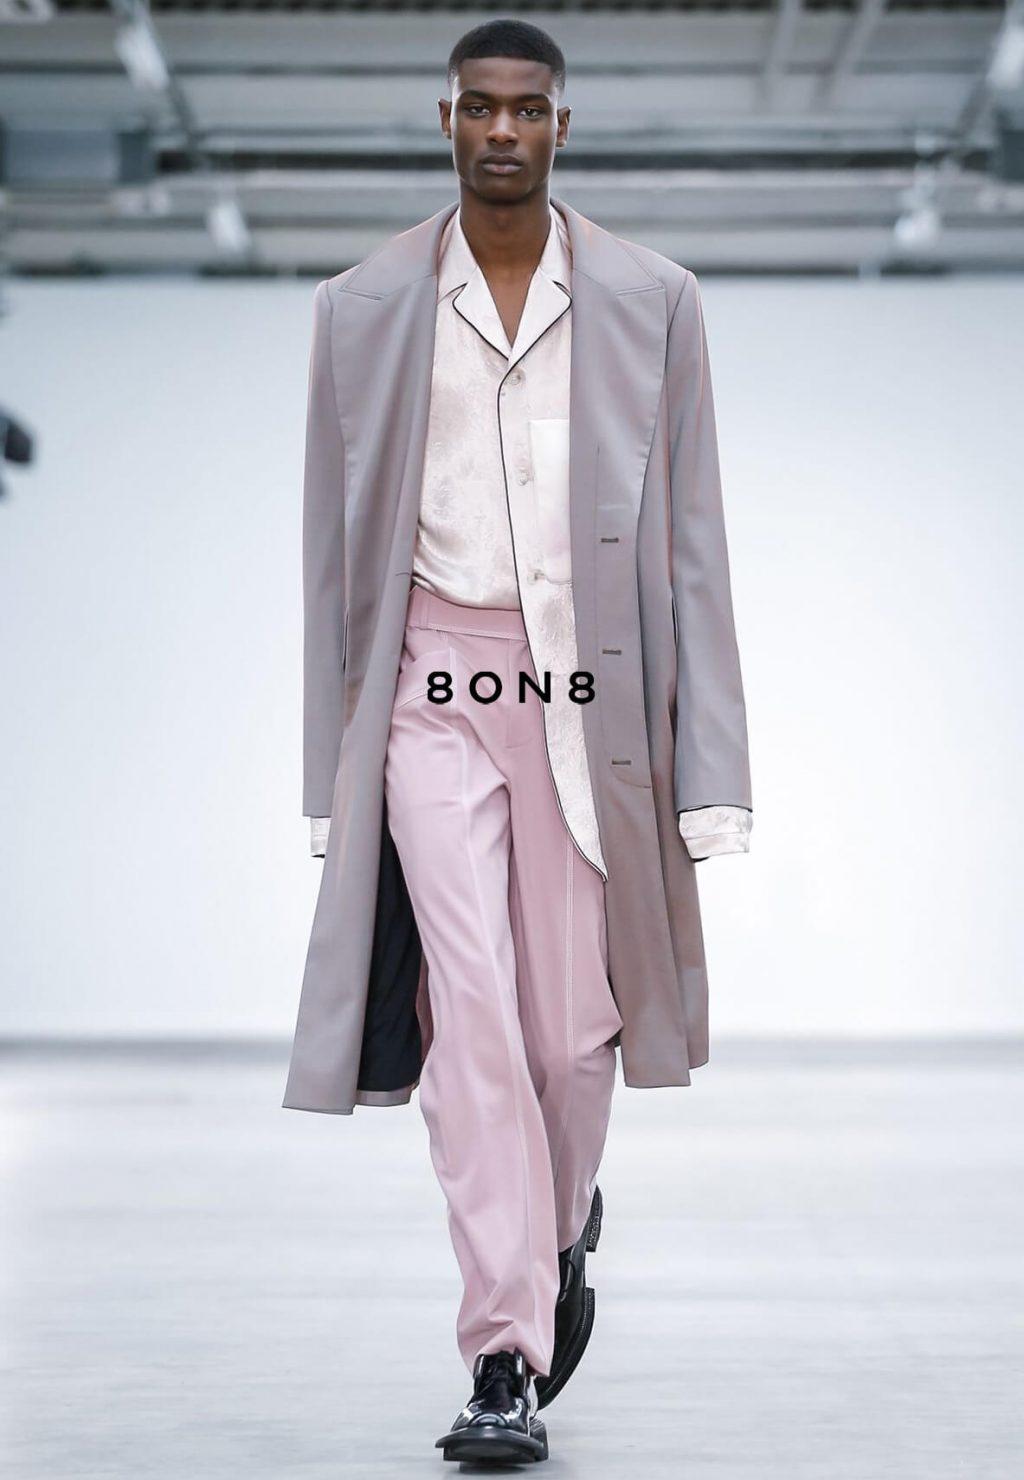 Rachide 8ON8 Menswear Spring Summer 2020 London